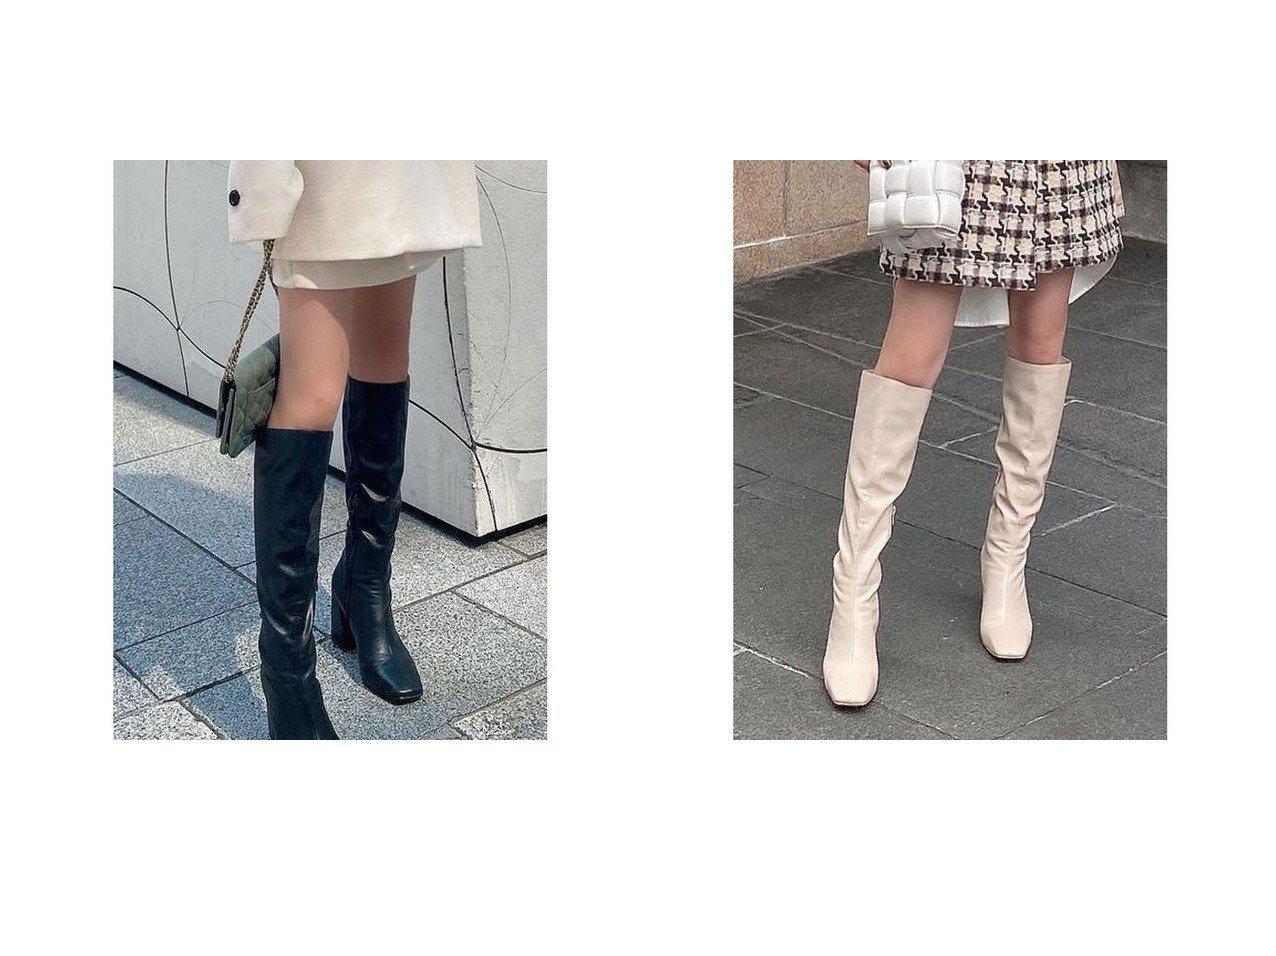 【eimy istoire/エイミーイストワール】のスリムスクエアロングブーツ おすすめ!人気、トレンド・レディースファッションの通販 おすすめで人気の流行・トレンド、ファッションの通販商品 インテリア・家具・メンズファッション・キッズファッション・レディースファッション・服の通販 founy(ファニー) https://founy.com/ ファッション Fashion レディースファッション WOMEN シンプル スリム バランス ロング  ID:crp329100000071014